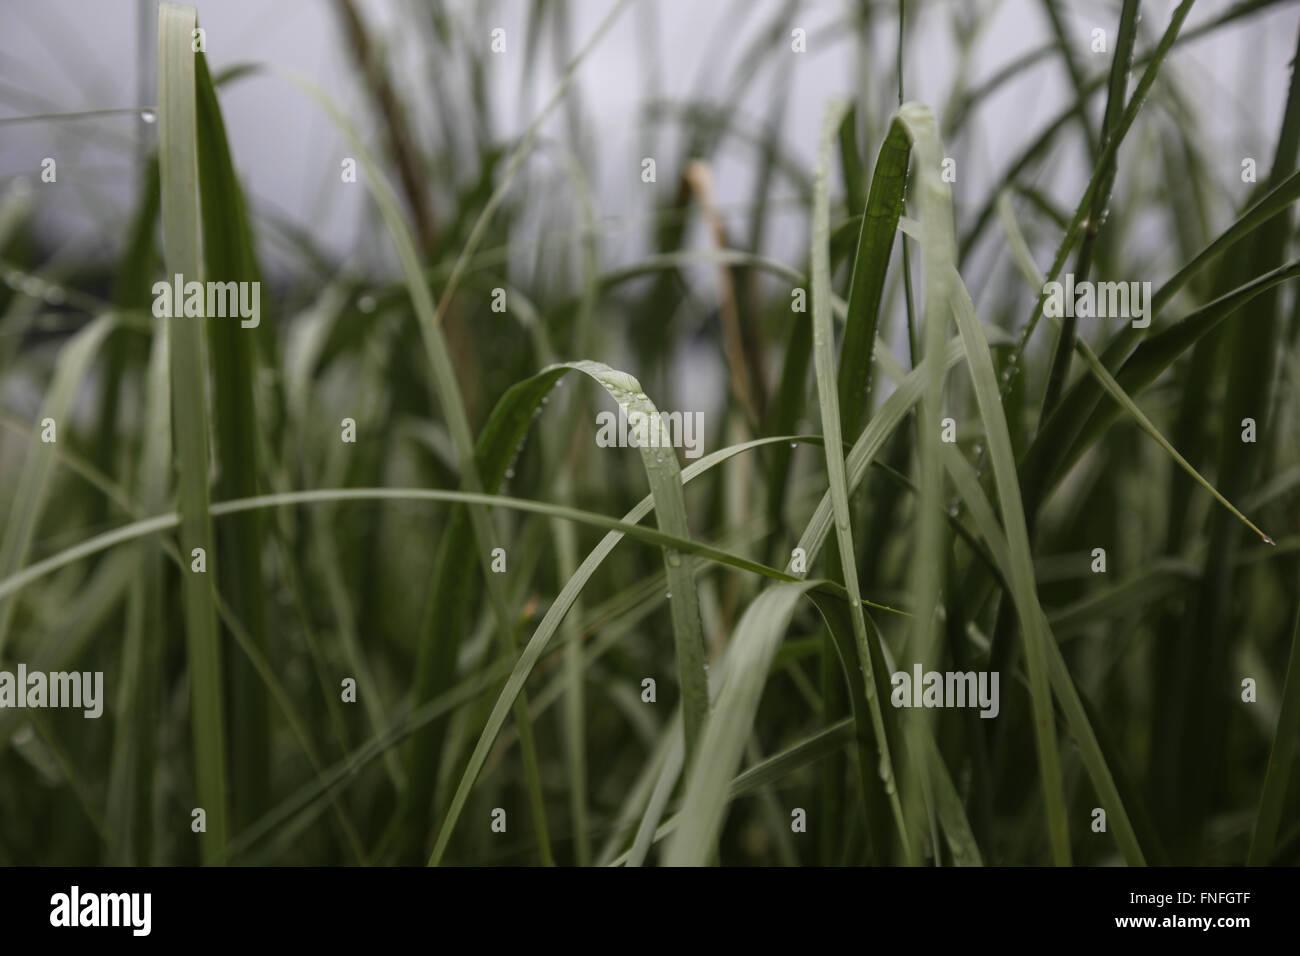 Début de la rosée du matin sur les lames d'herbe Photo Stock